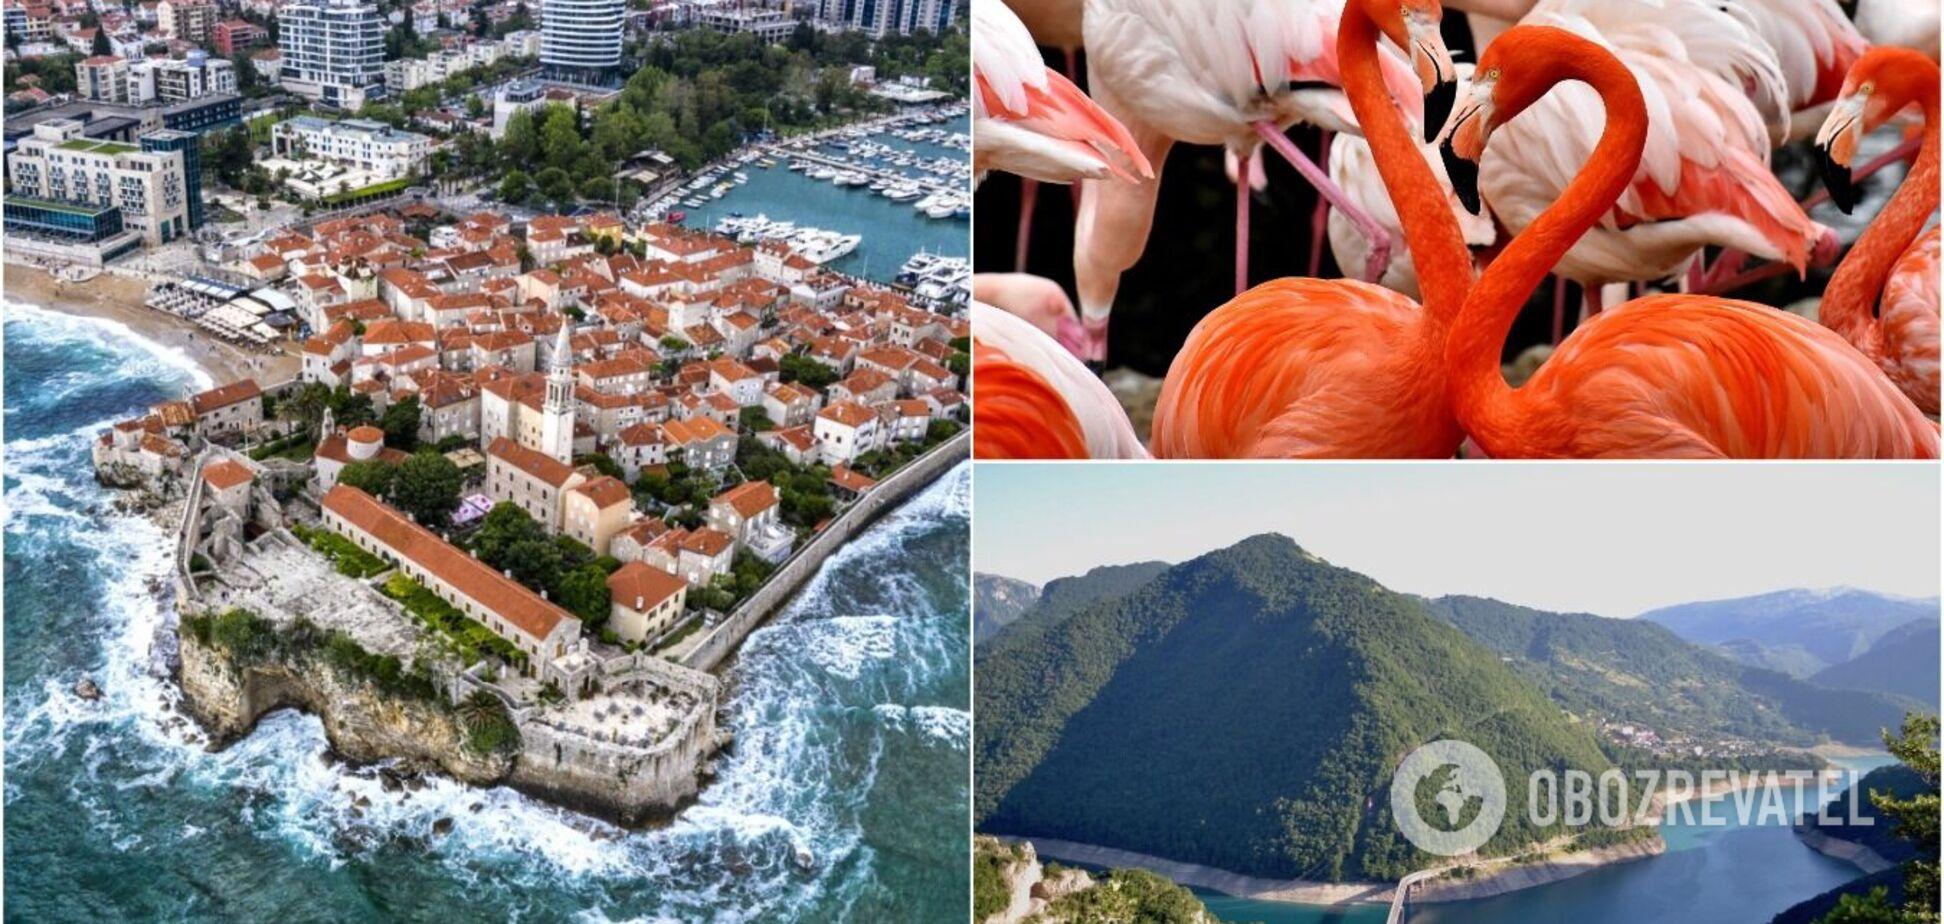 15 дивовижних фактів про Чорногорію, які покажуть країну з іншого боку